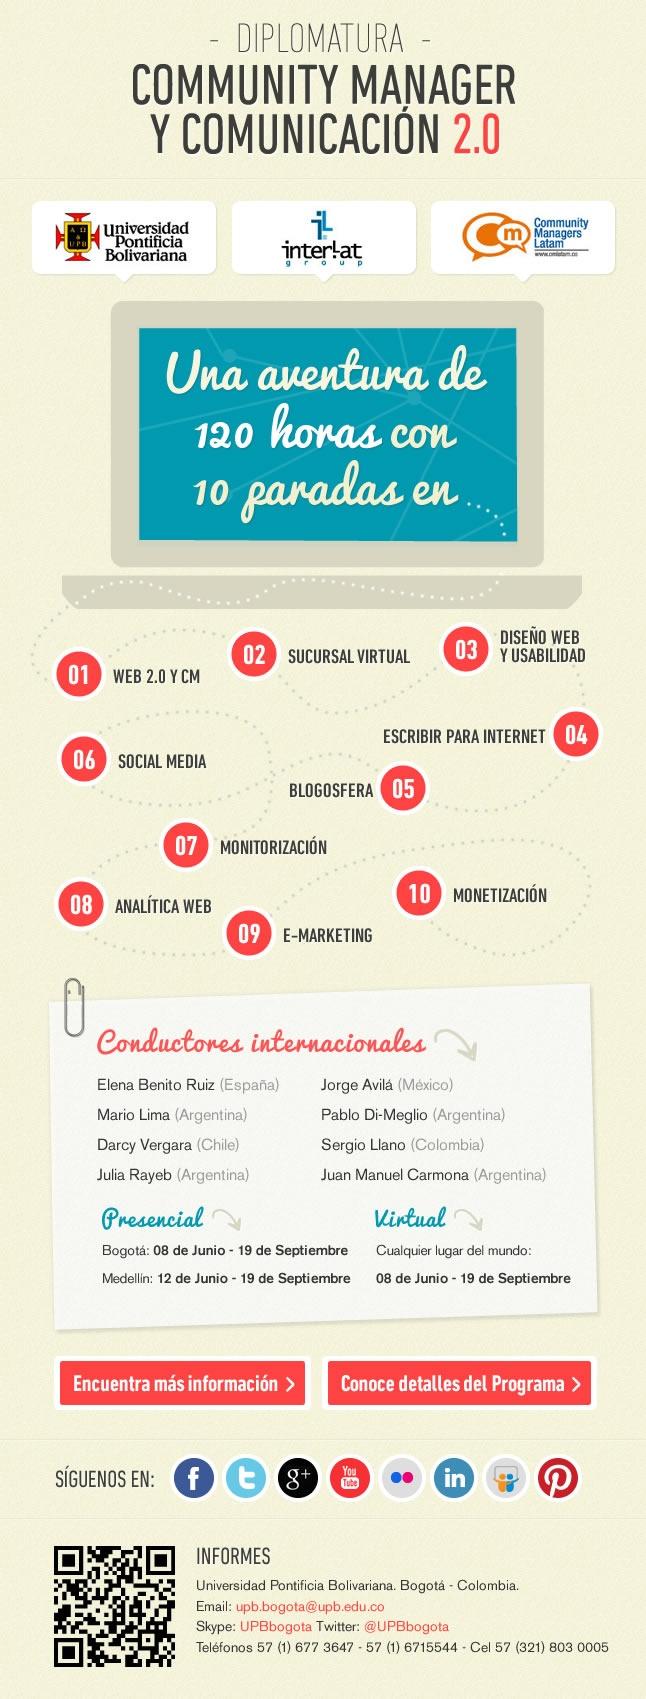 Diplomado #CommunityManager Junio 2012 Latinoamerica.